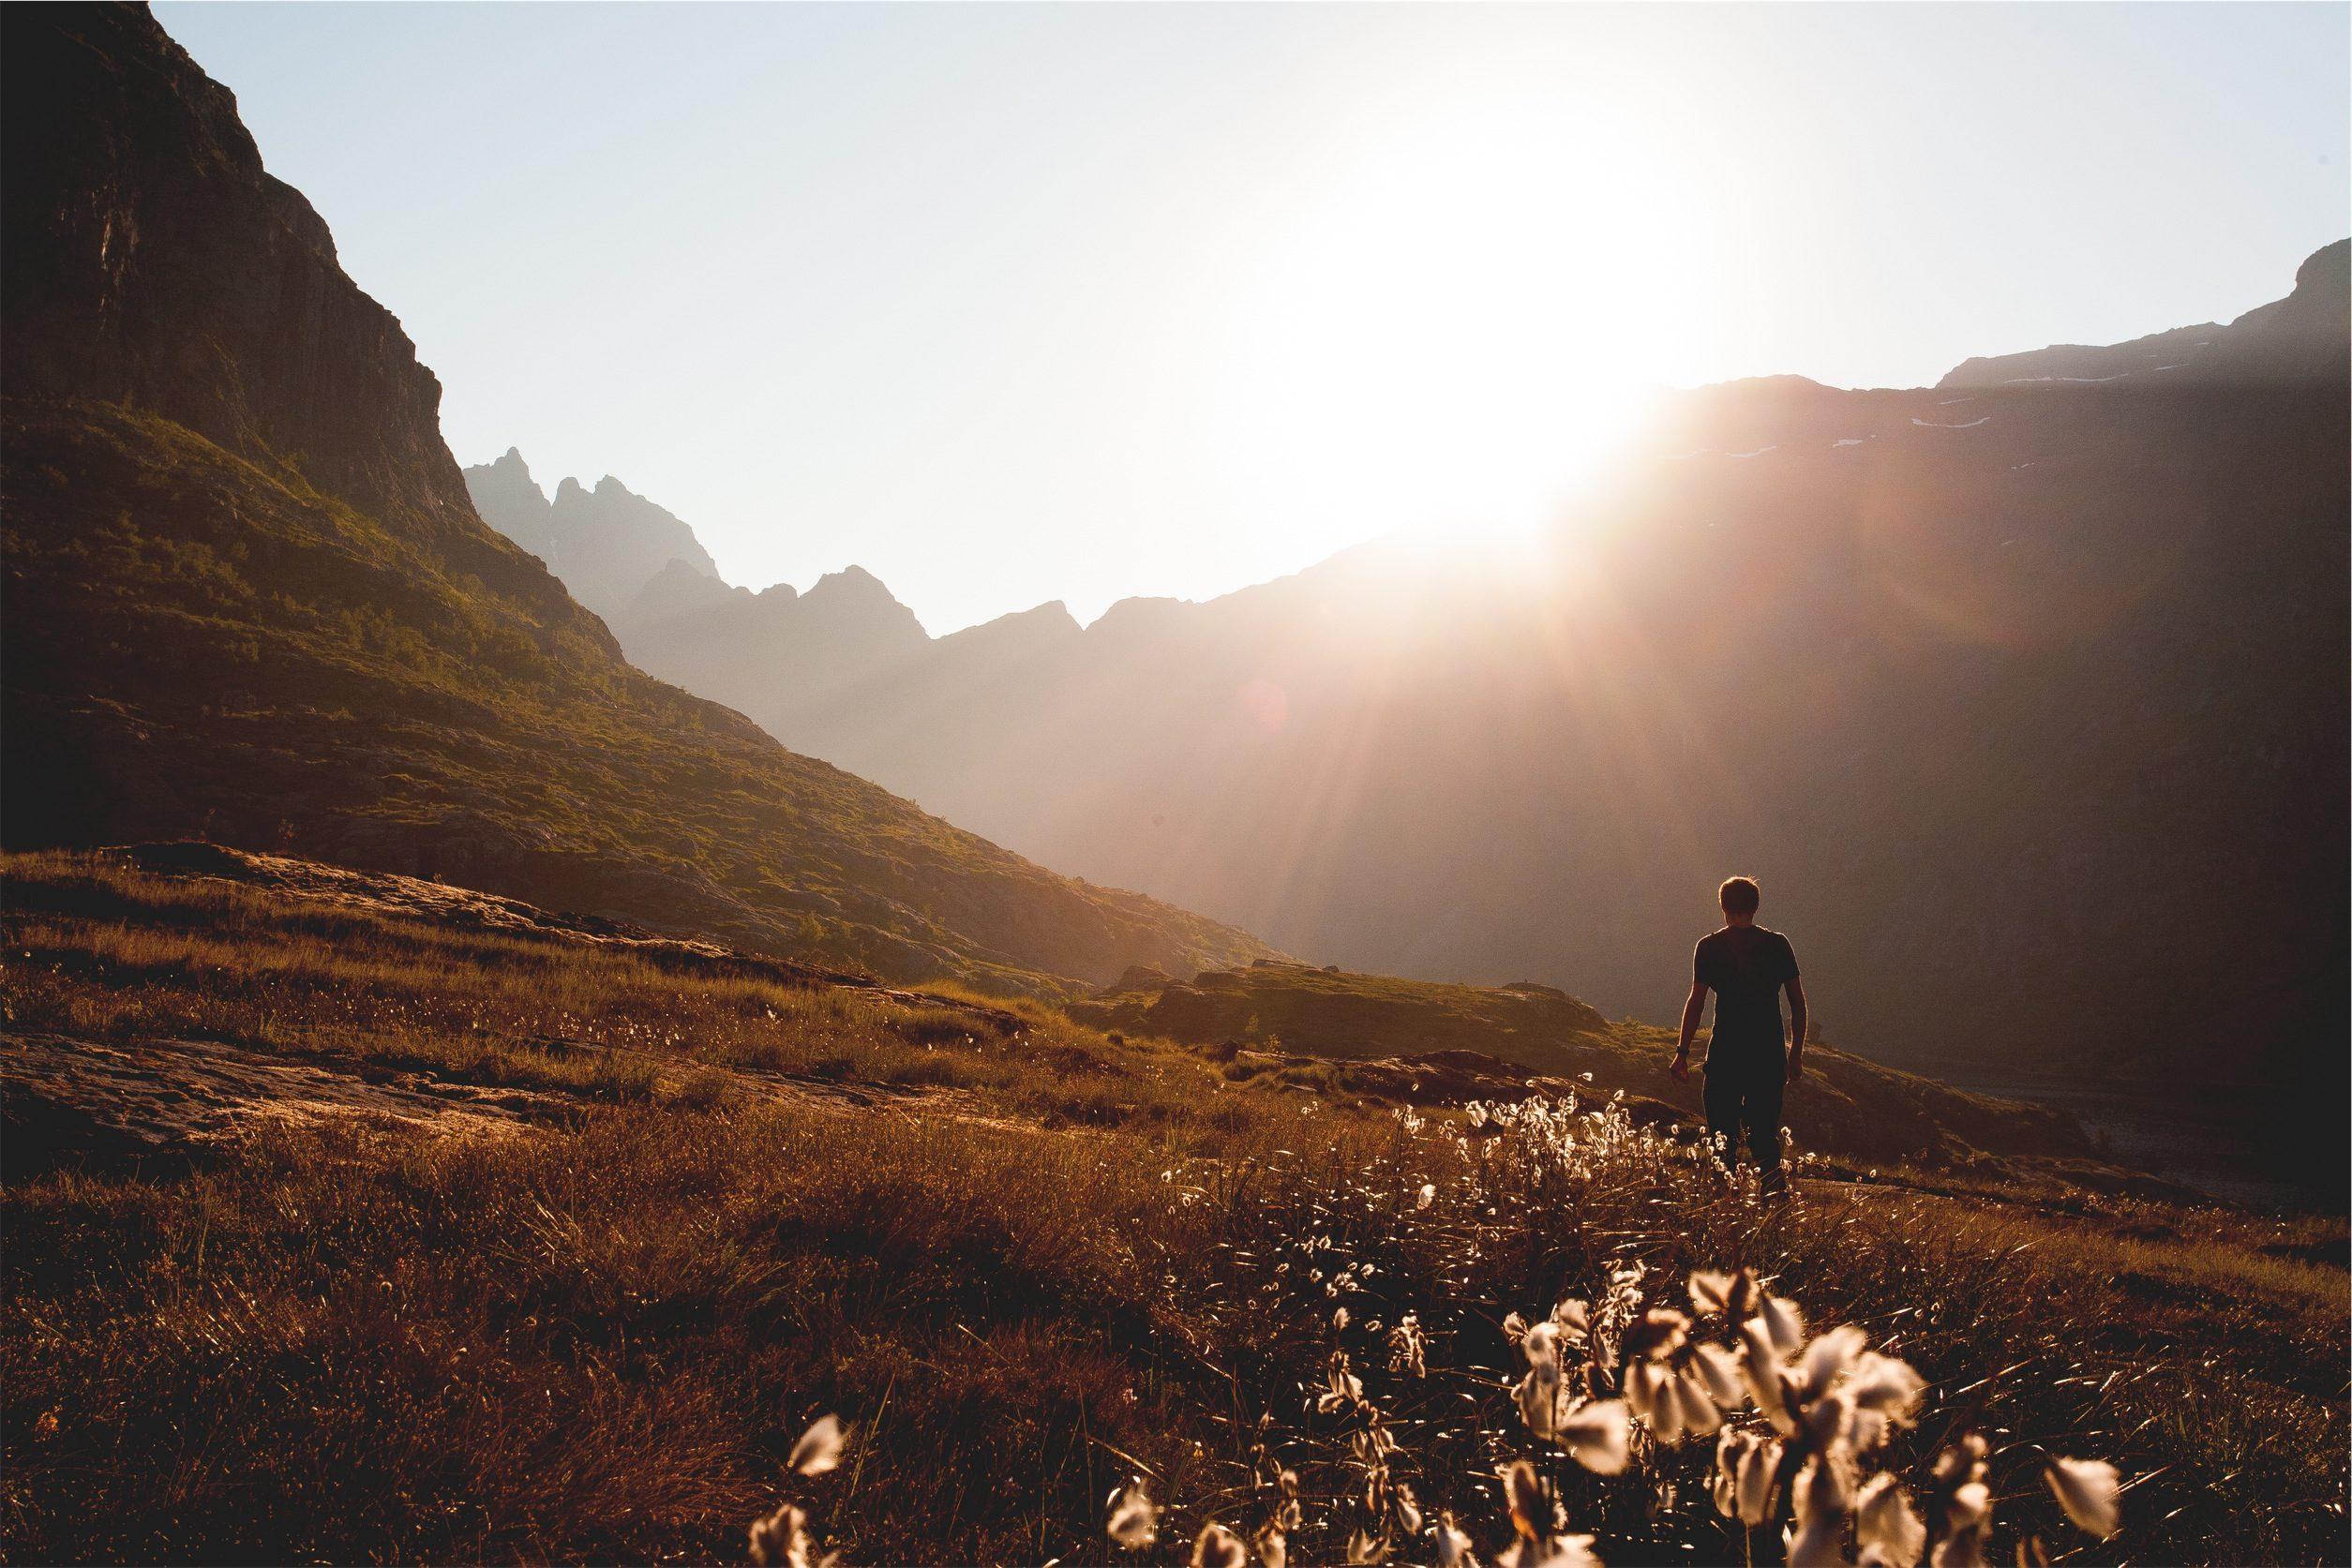 太阳, · 帕德隆, 放松, 男子, Montañas - 高清壁纸 - 教授-falken.com